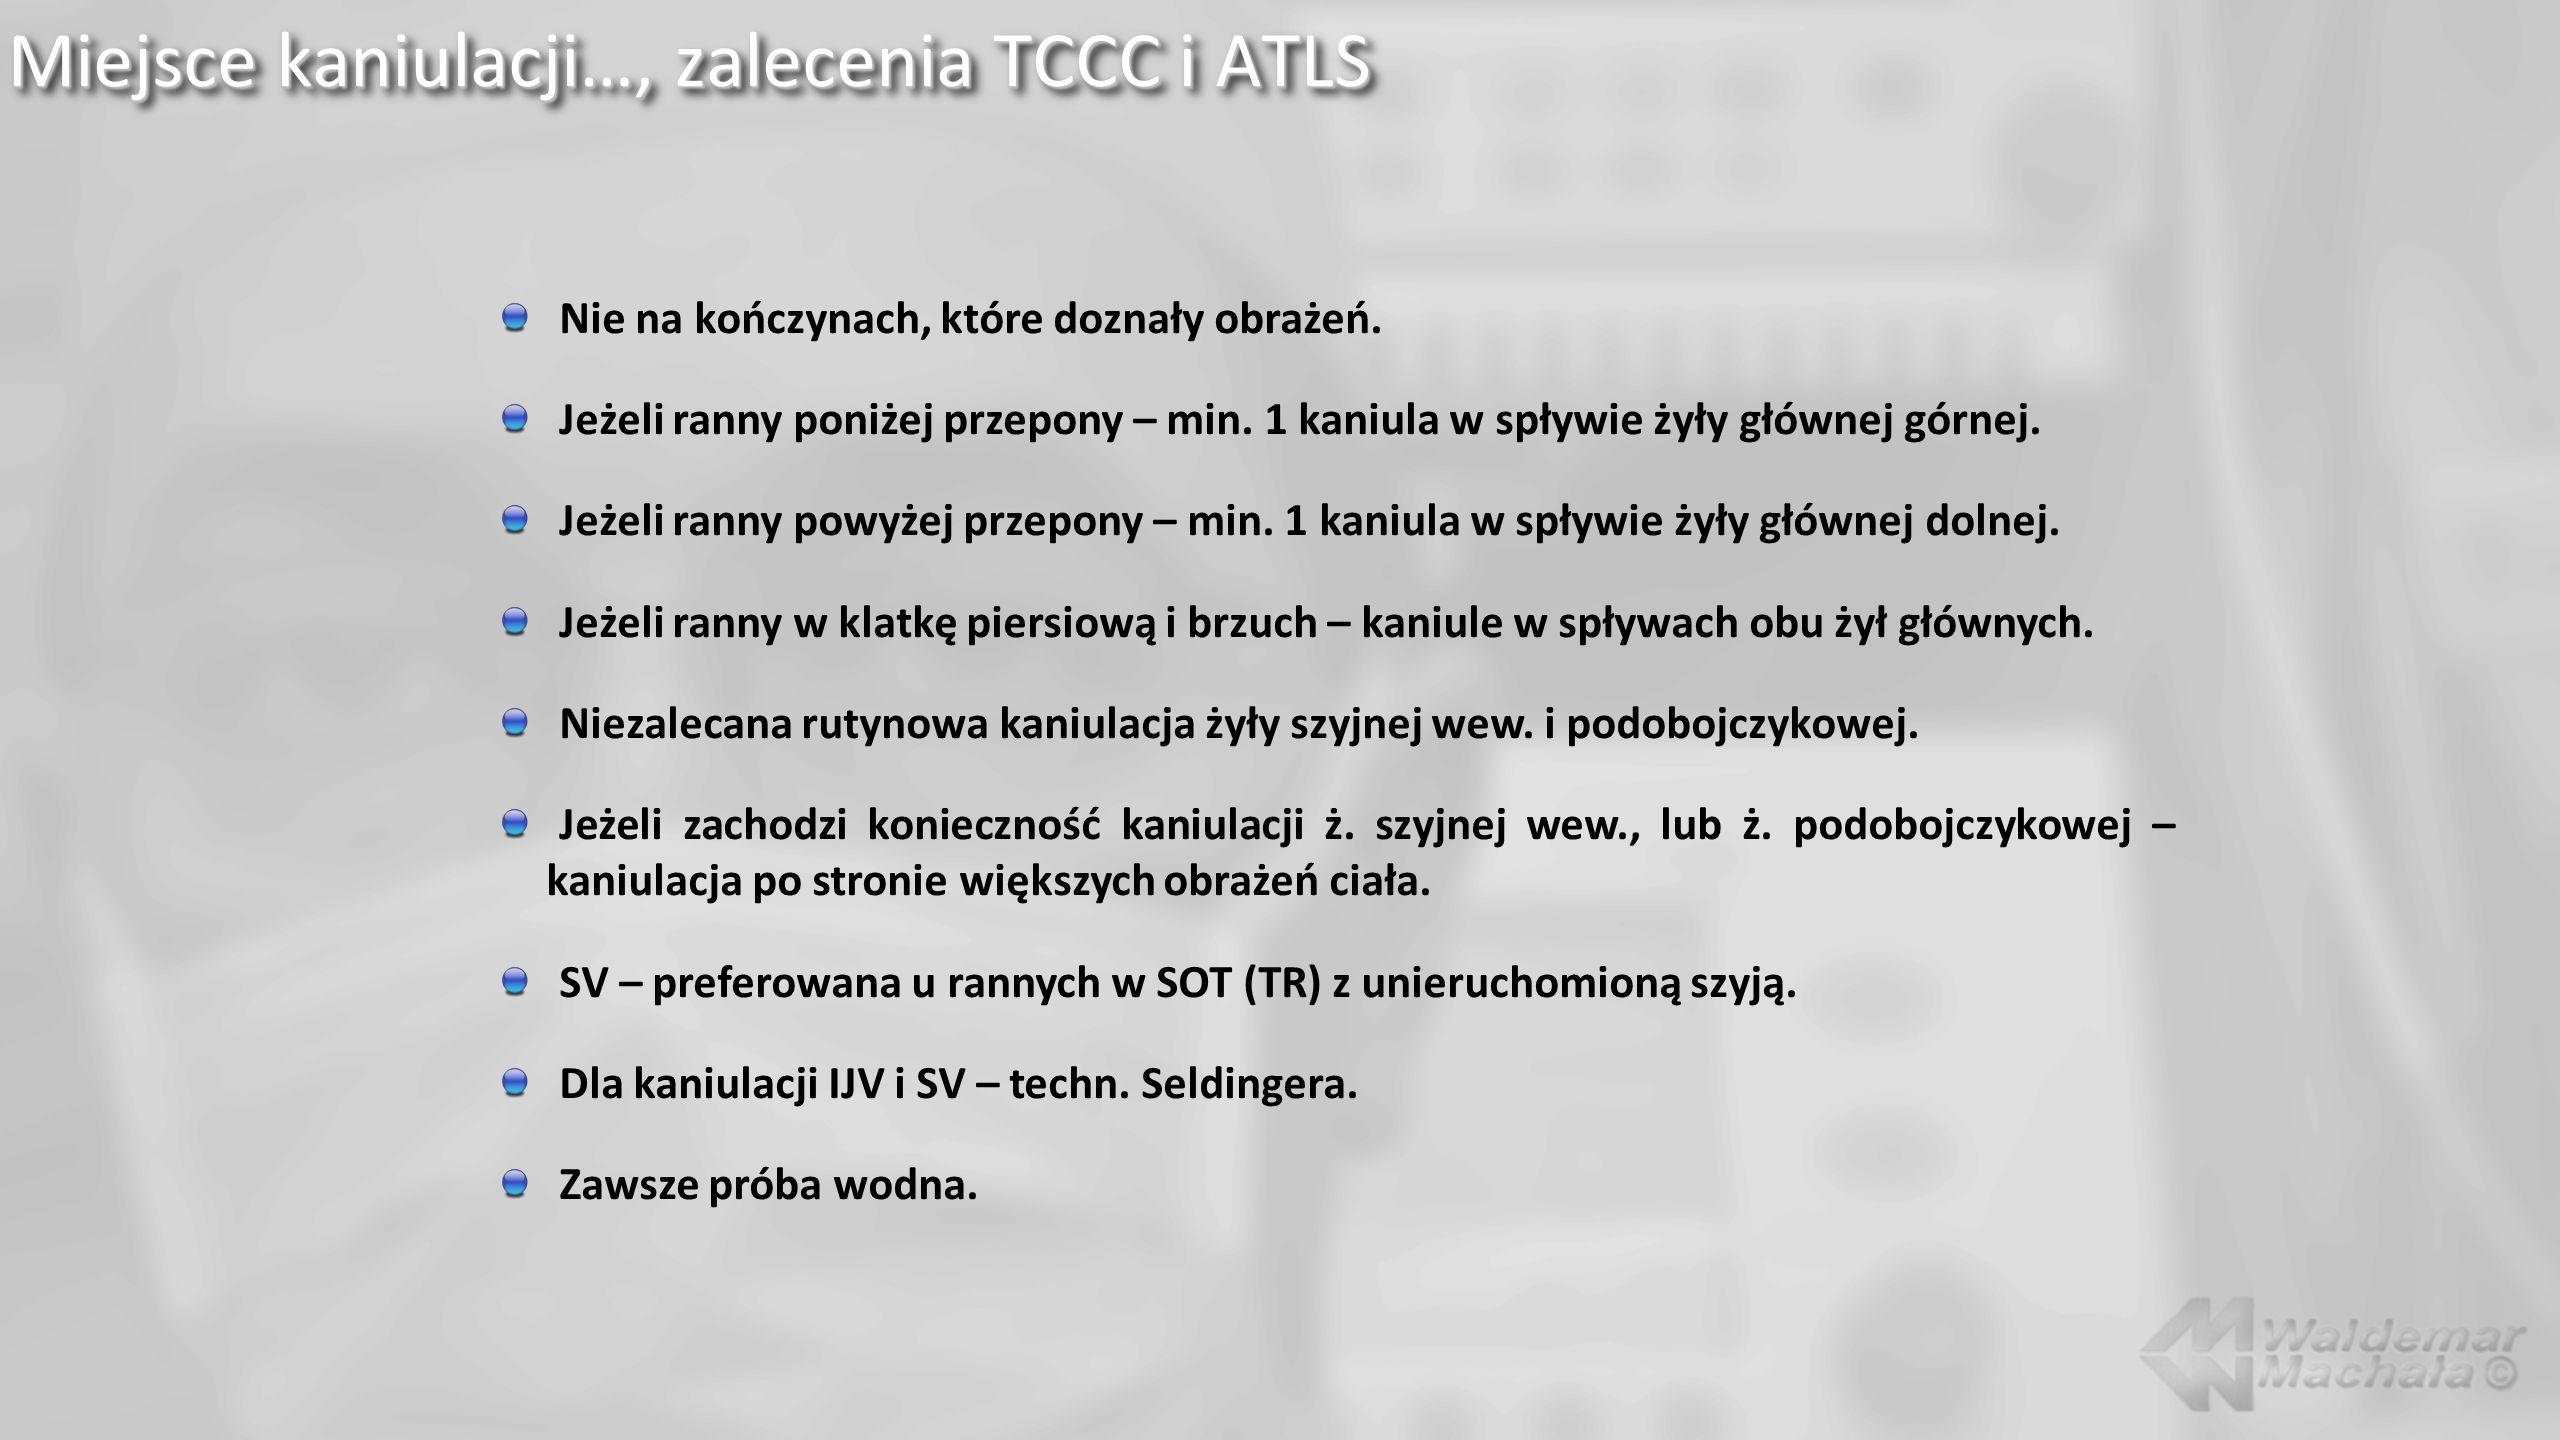 Miejsce kaniulacji…, zalecenia TCCC i ATLS Nie na kończynach, które doznały obrażeń.